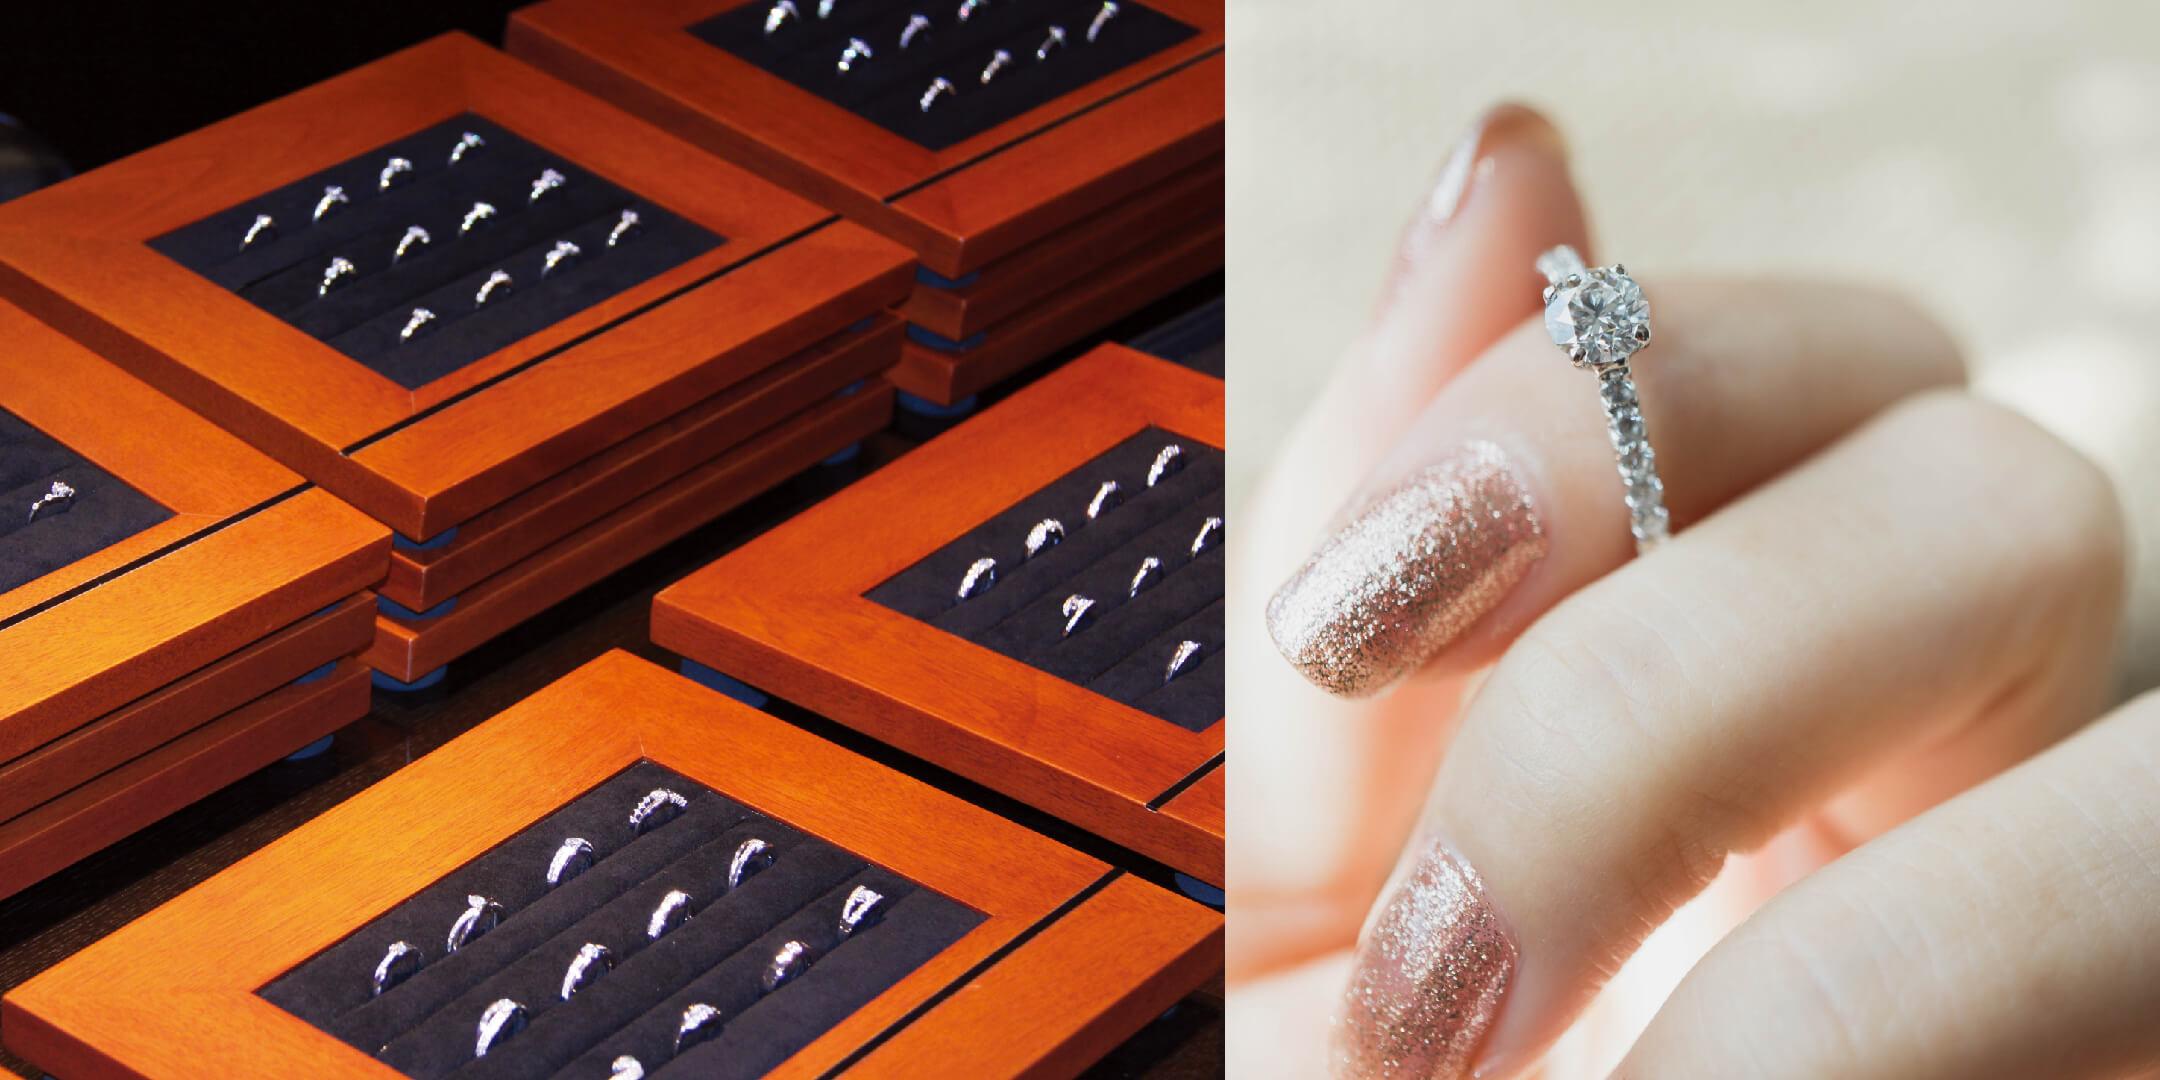 婚約指輪がたくさん並んだトレーと、婚約指輪を指に着けた手元。